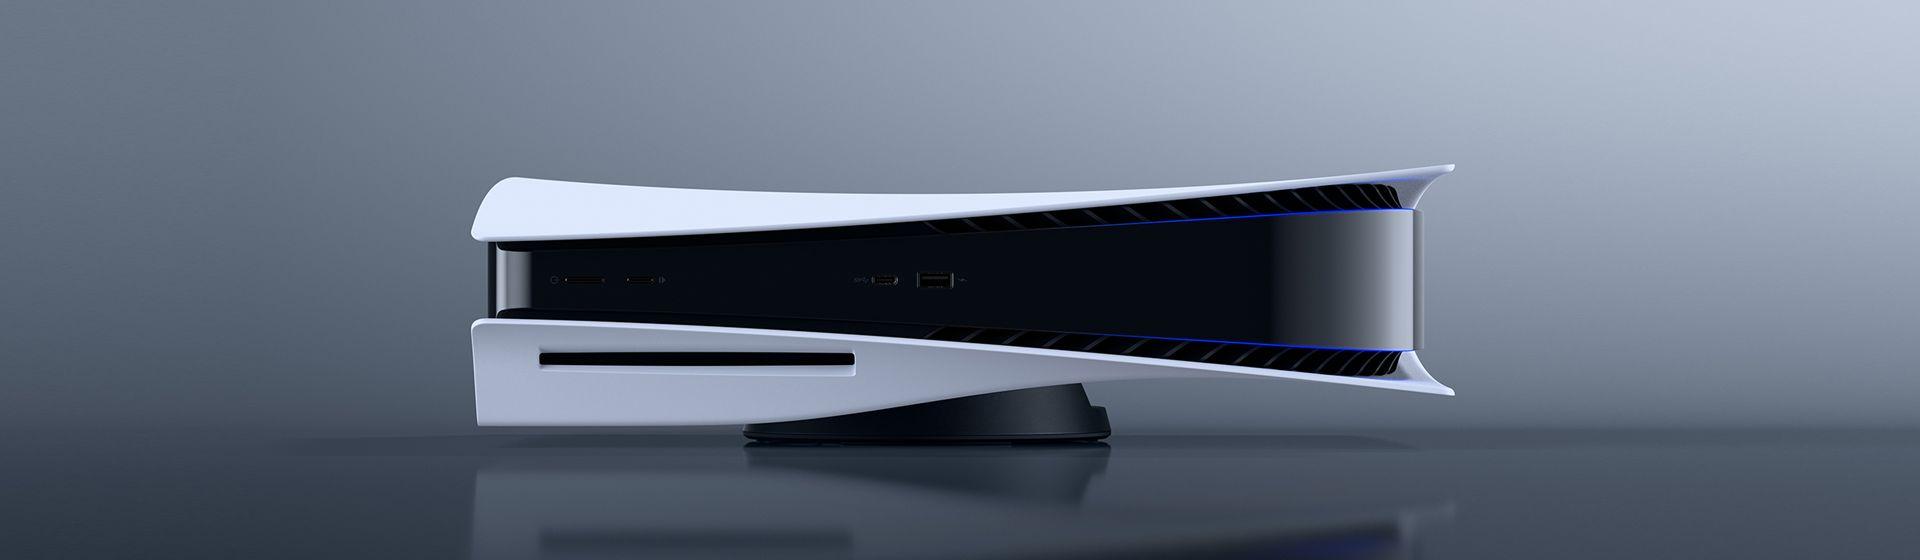 PS5: design é detalhado depois de Sony desmontar console